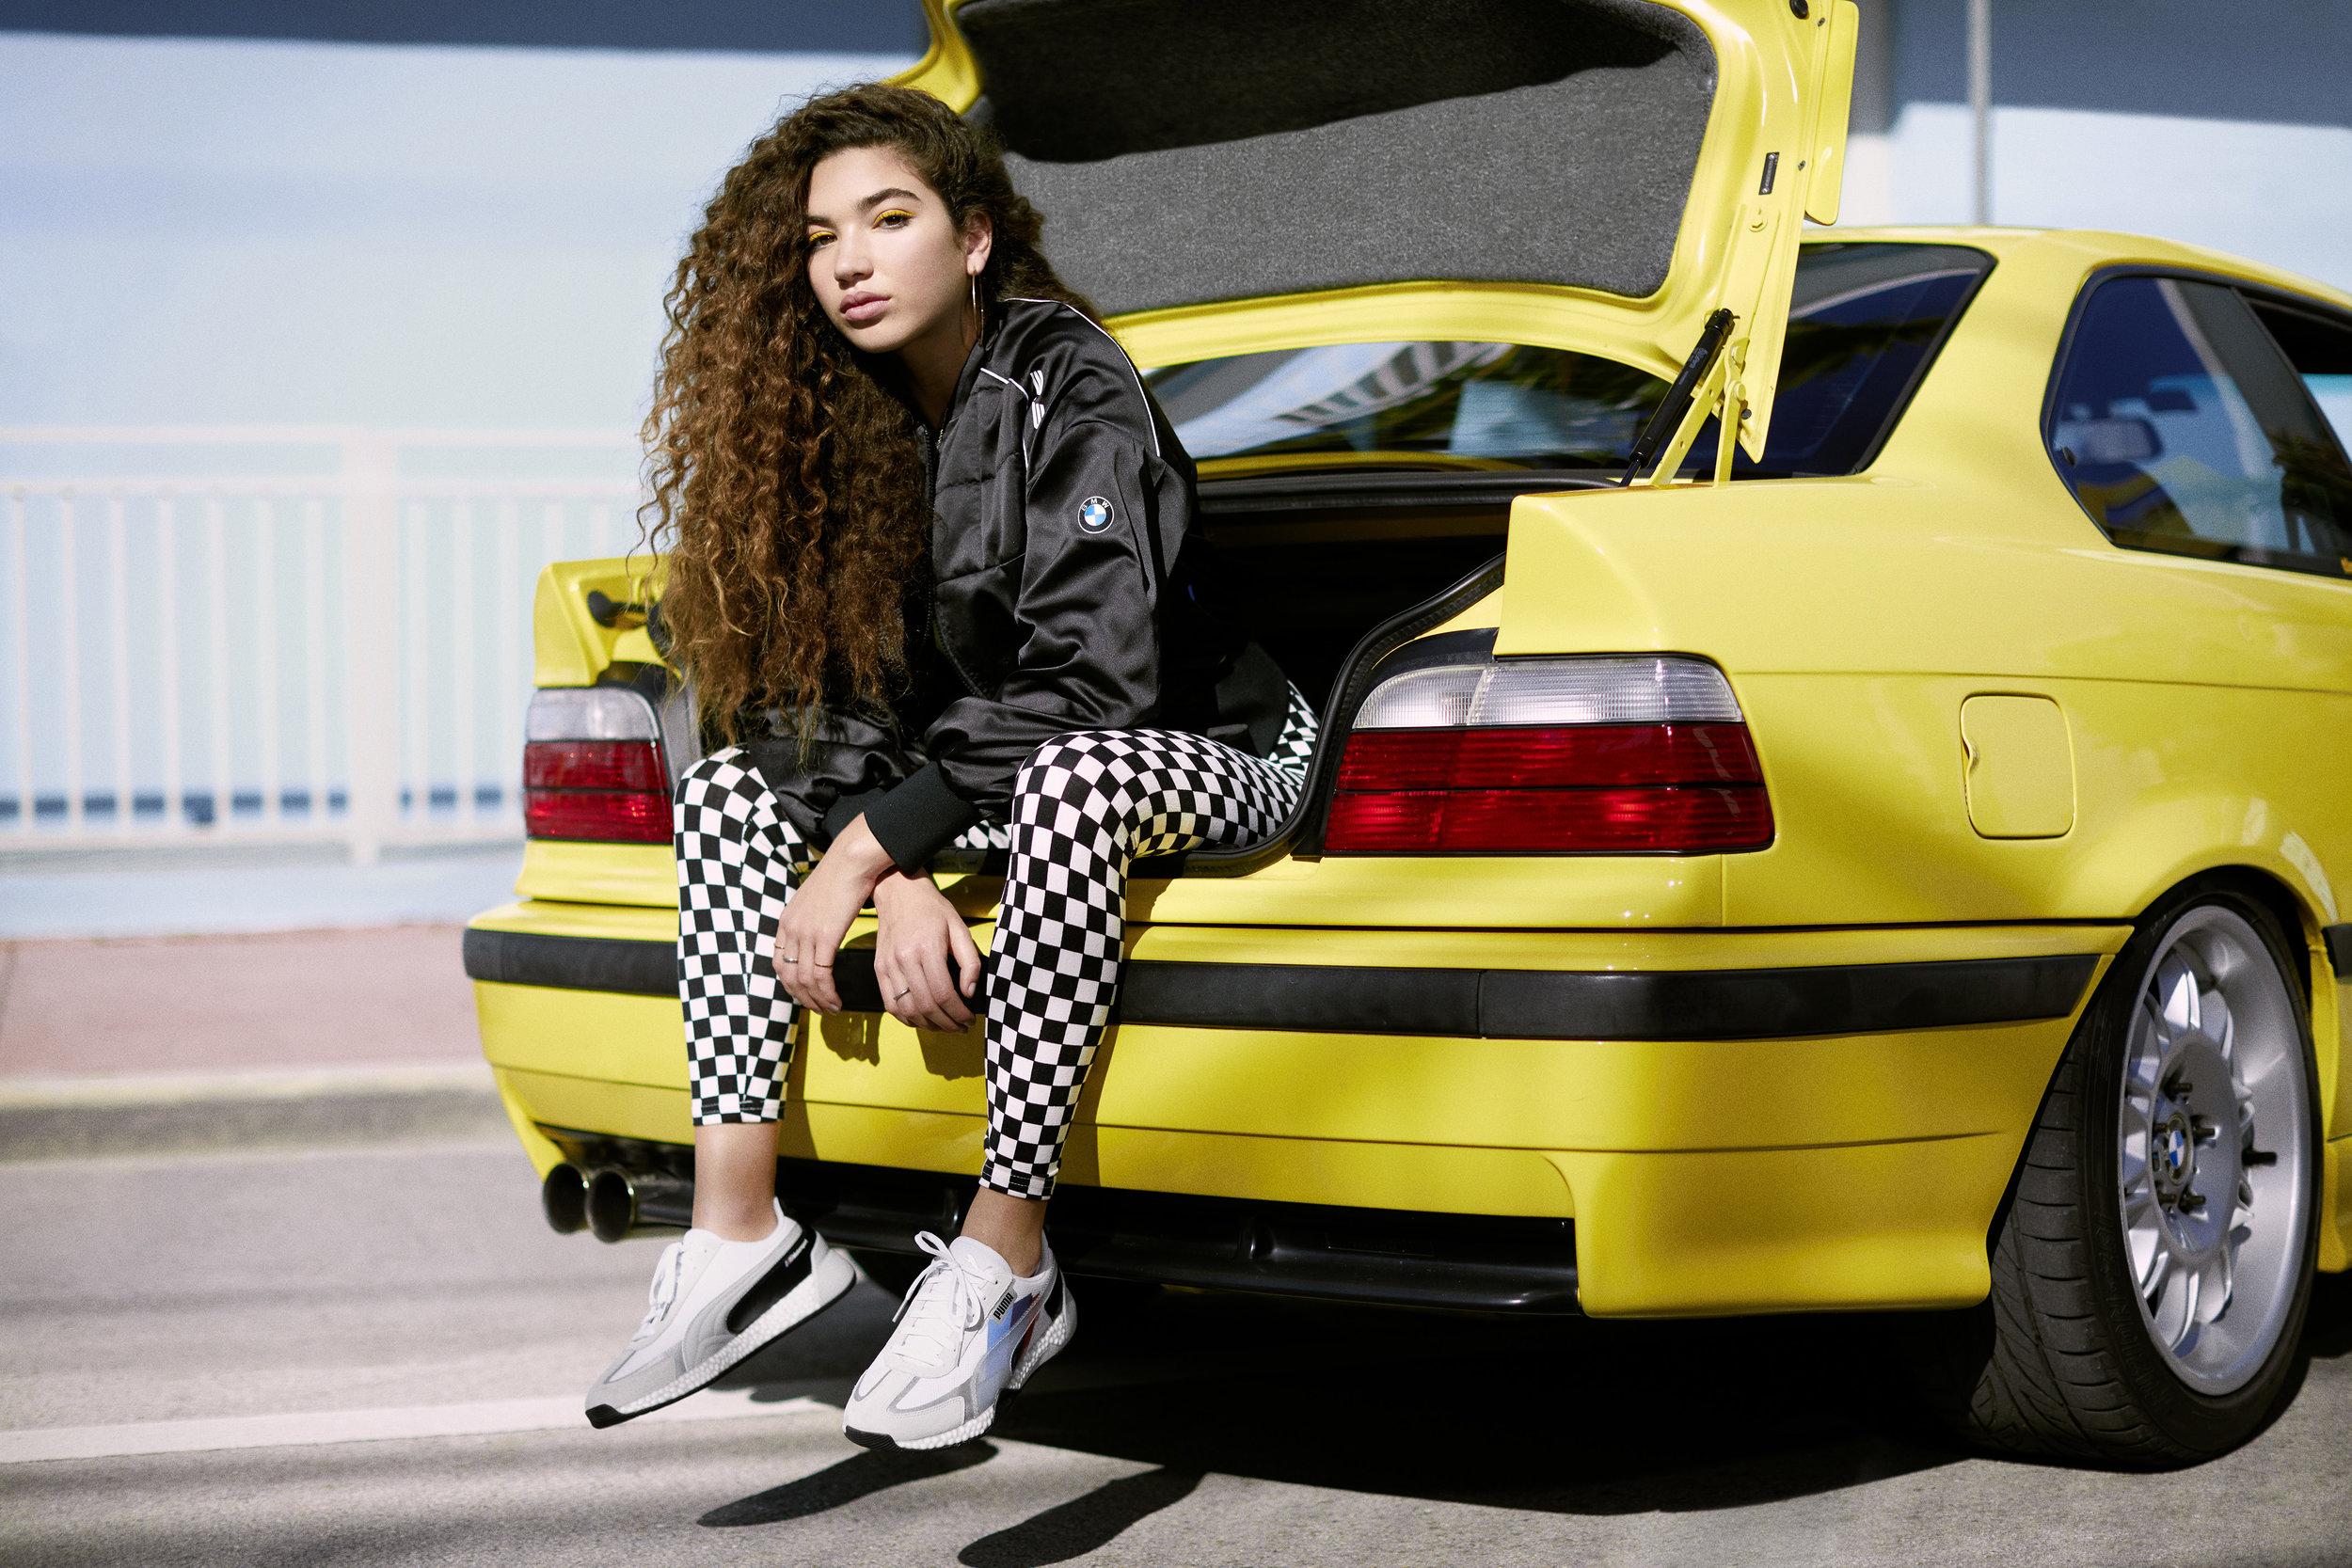 19AW_xMS_BMW_Street-Outfit-1-Womens_03690_rgb_R1.jpg